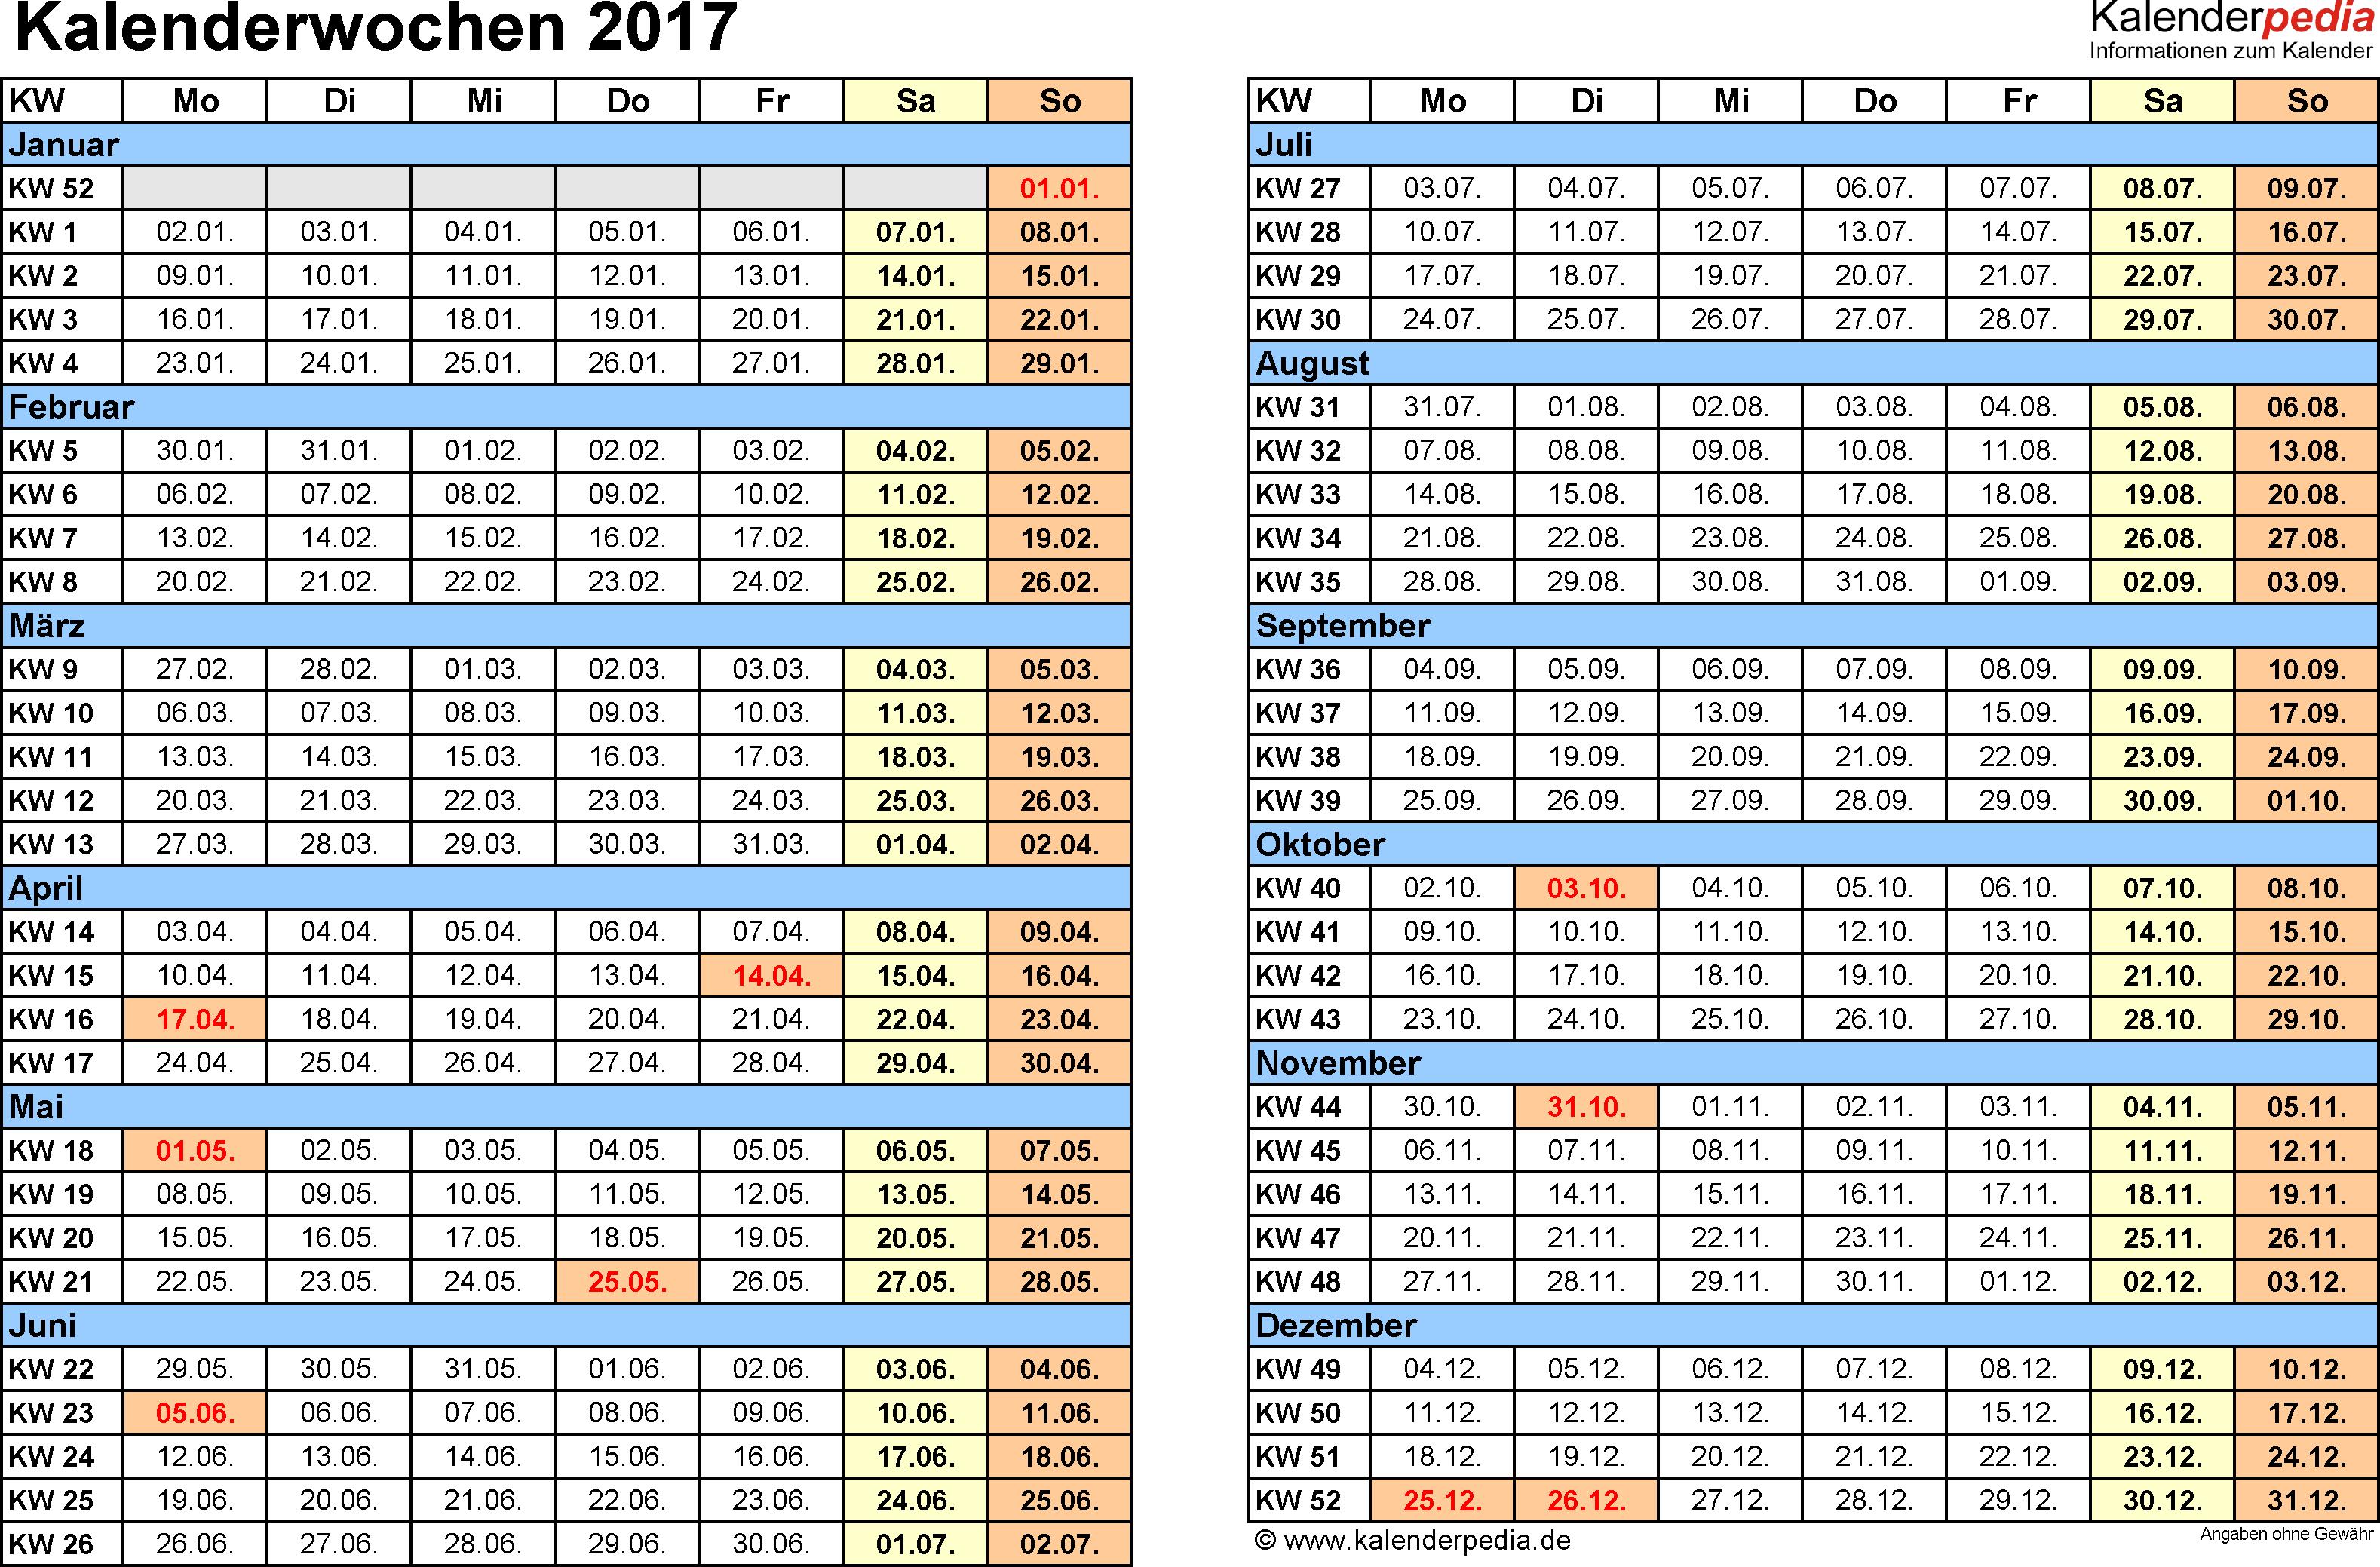 Vorlage 1: Kalenderwochen 2017 mit Monaten im Querformat als Excel ...